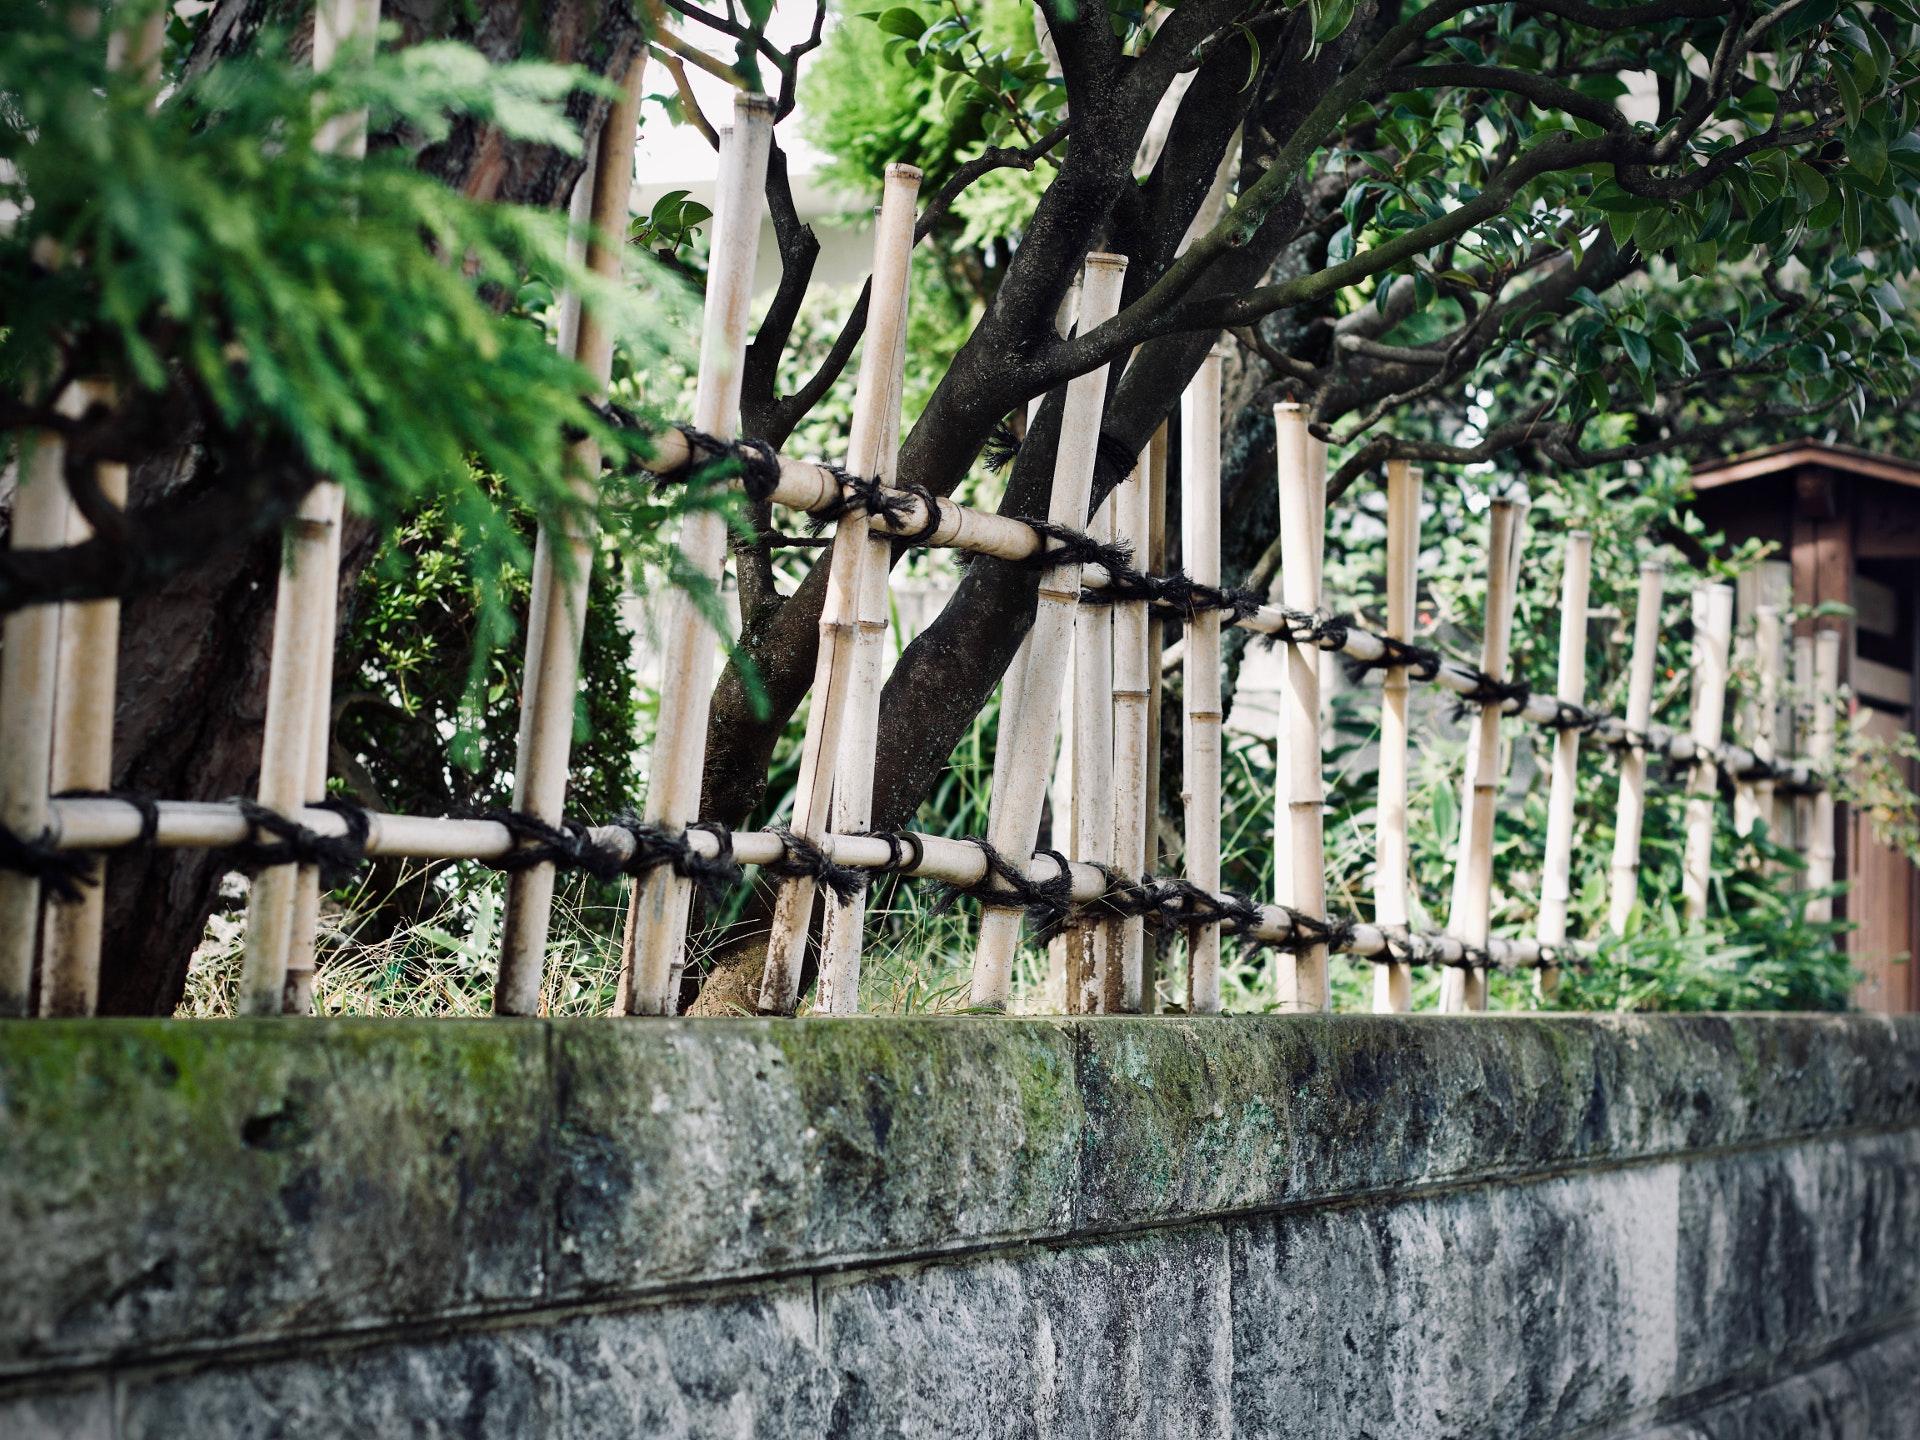 Nicht nur aus Bambus können wir wunderschöne Naturzäune bauen. - Photocredit: unsplash.com/Jelleke Vanooteghem